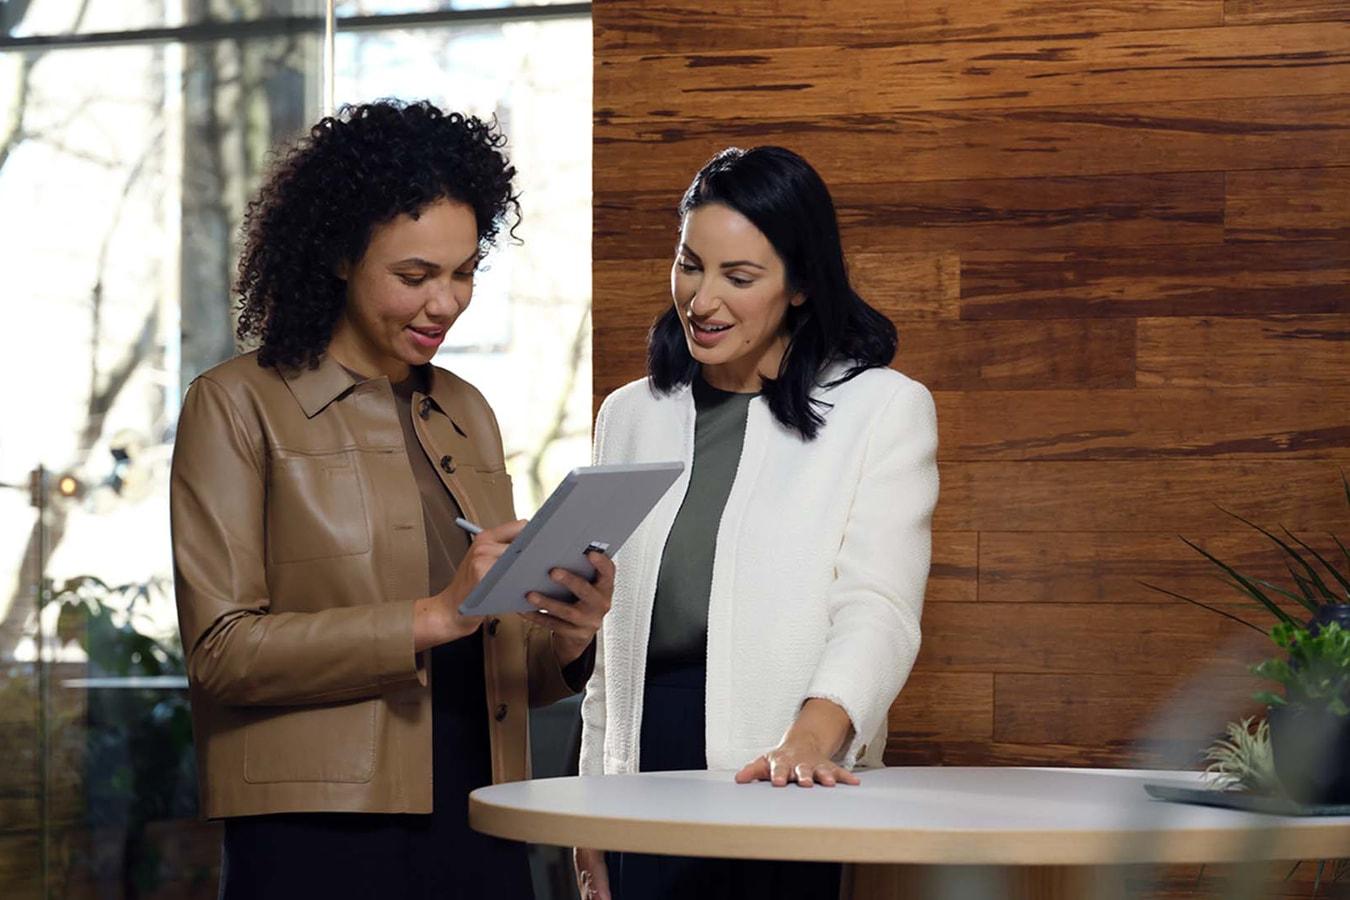 Kaksi työtoveria tekee yhteistyötä Surface Go 3 -laitteen parissa toimistossa